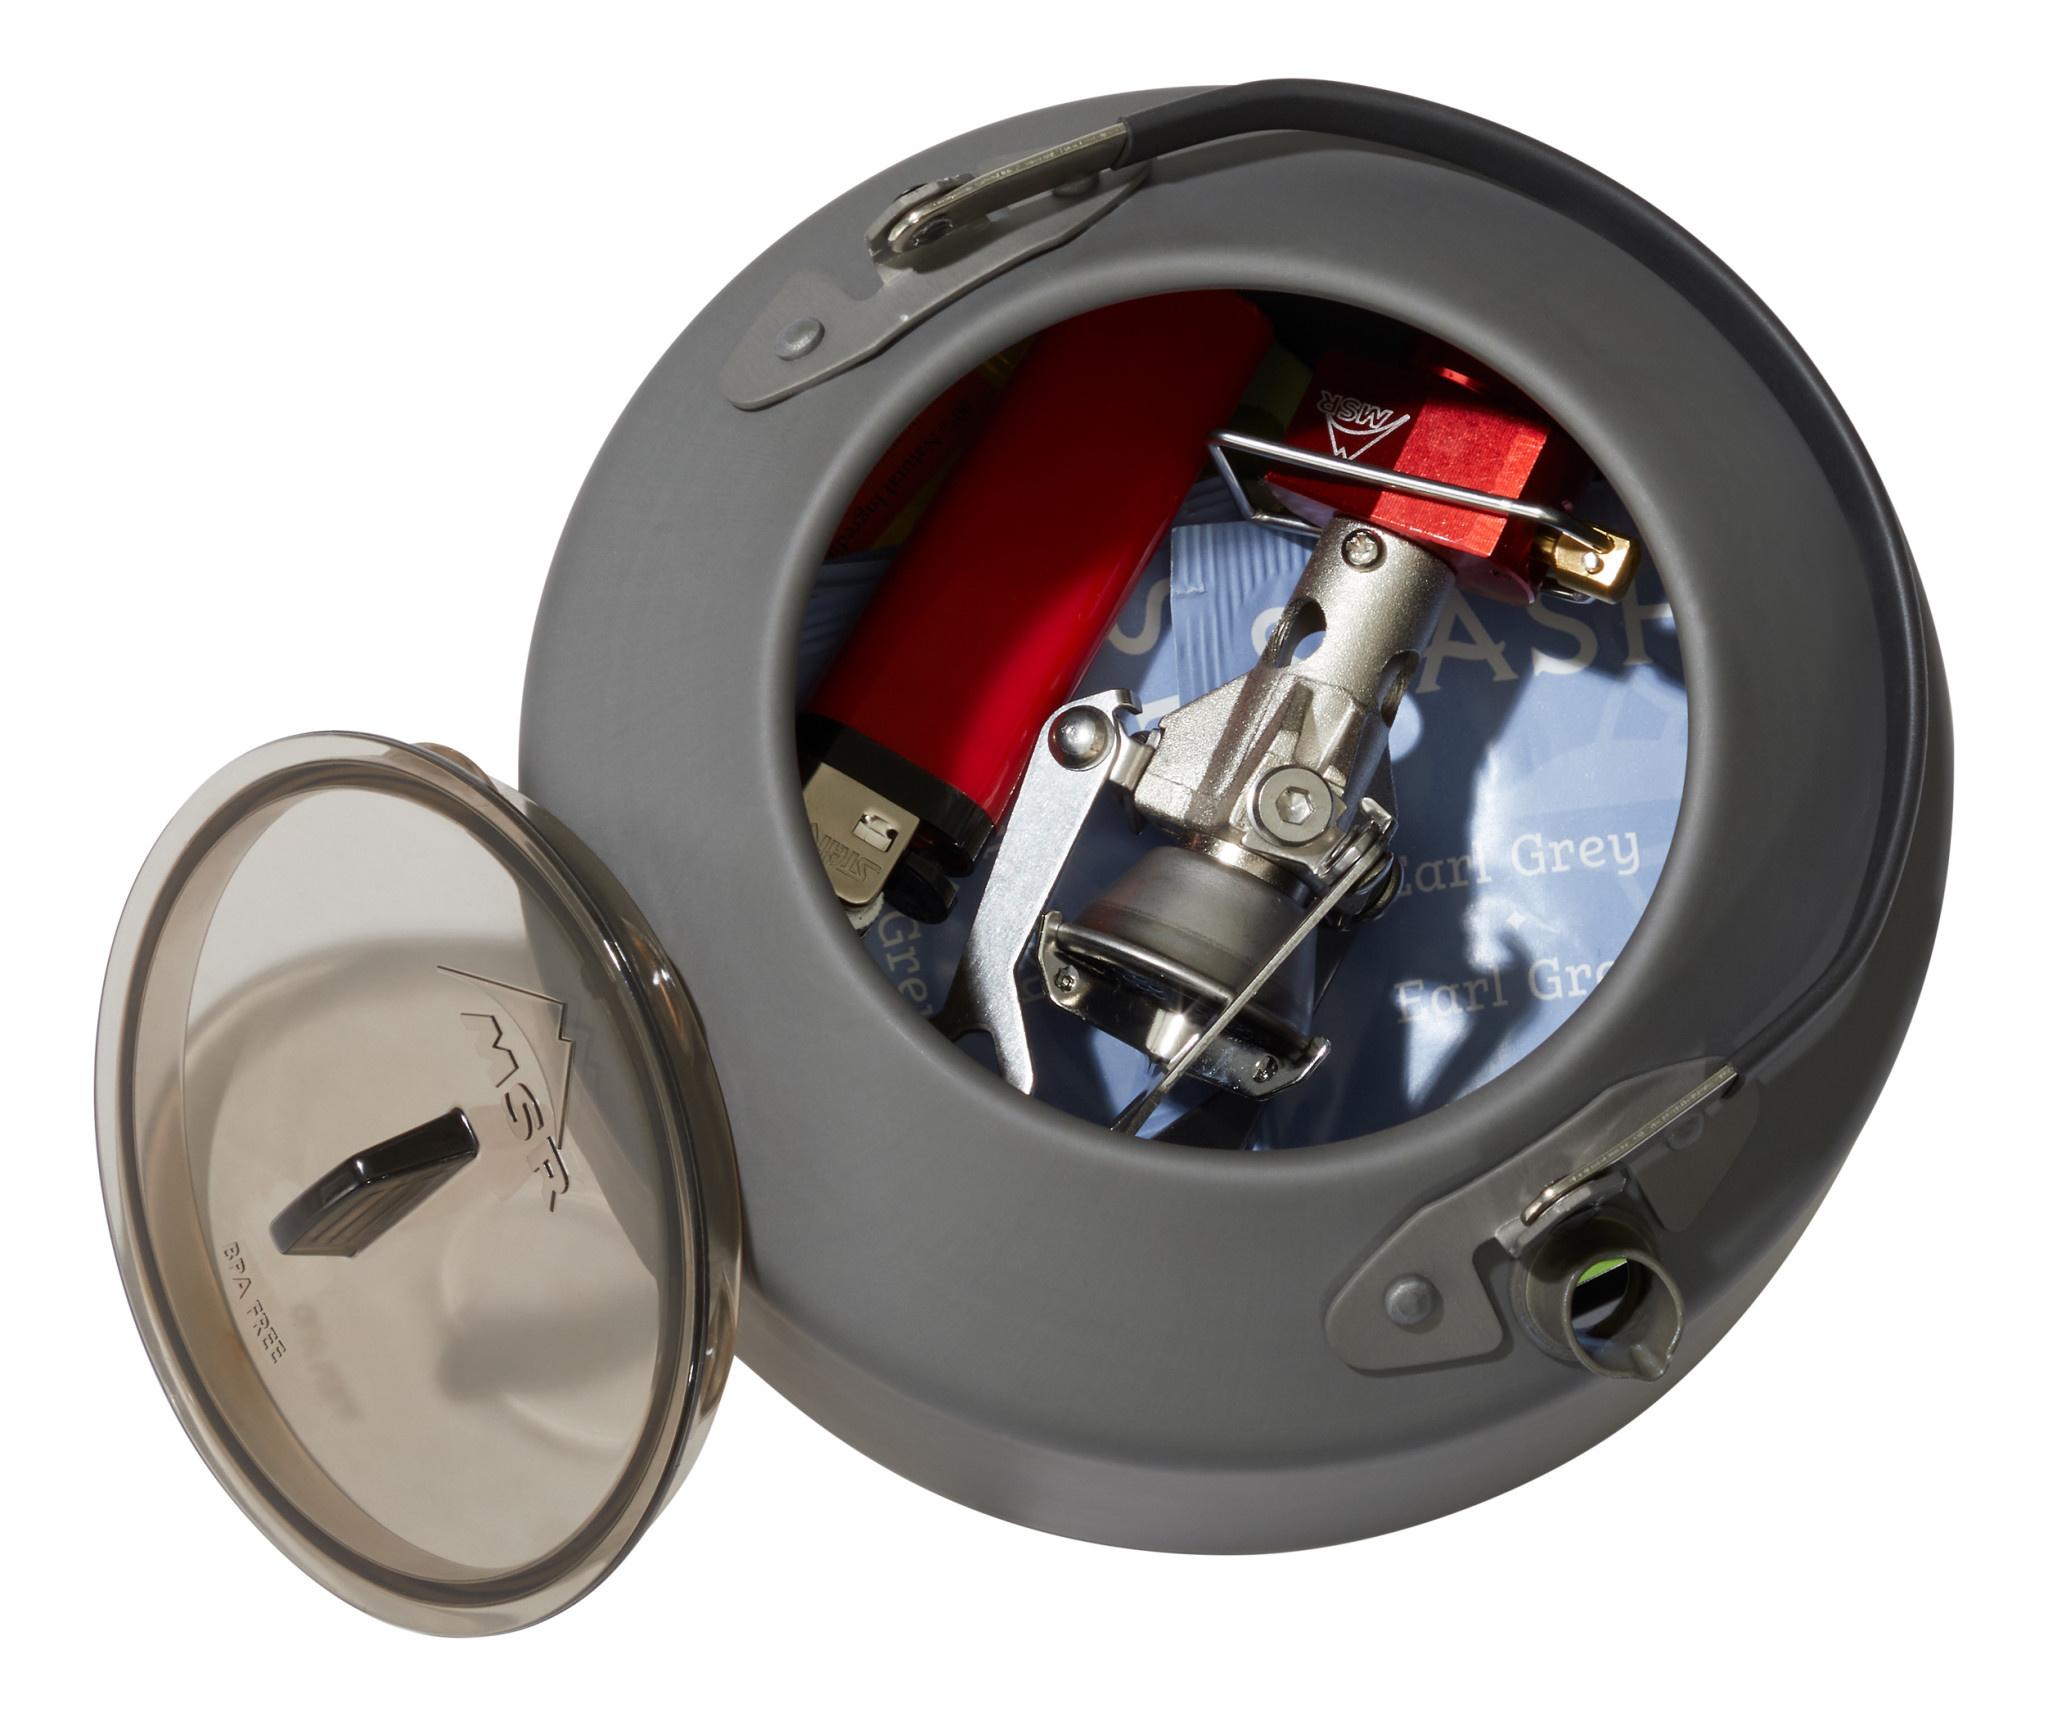 MSR MSR Pika Ultralight 1.0L Teapot